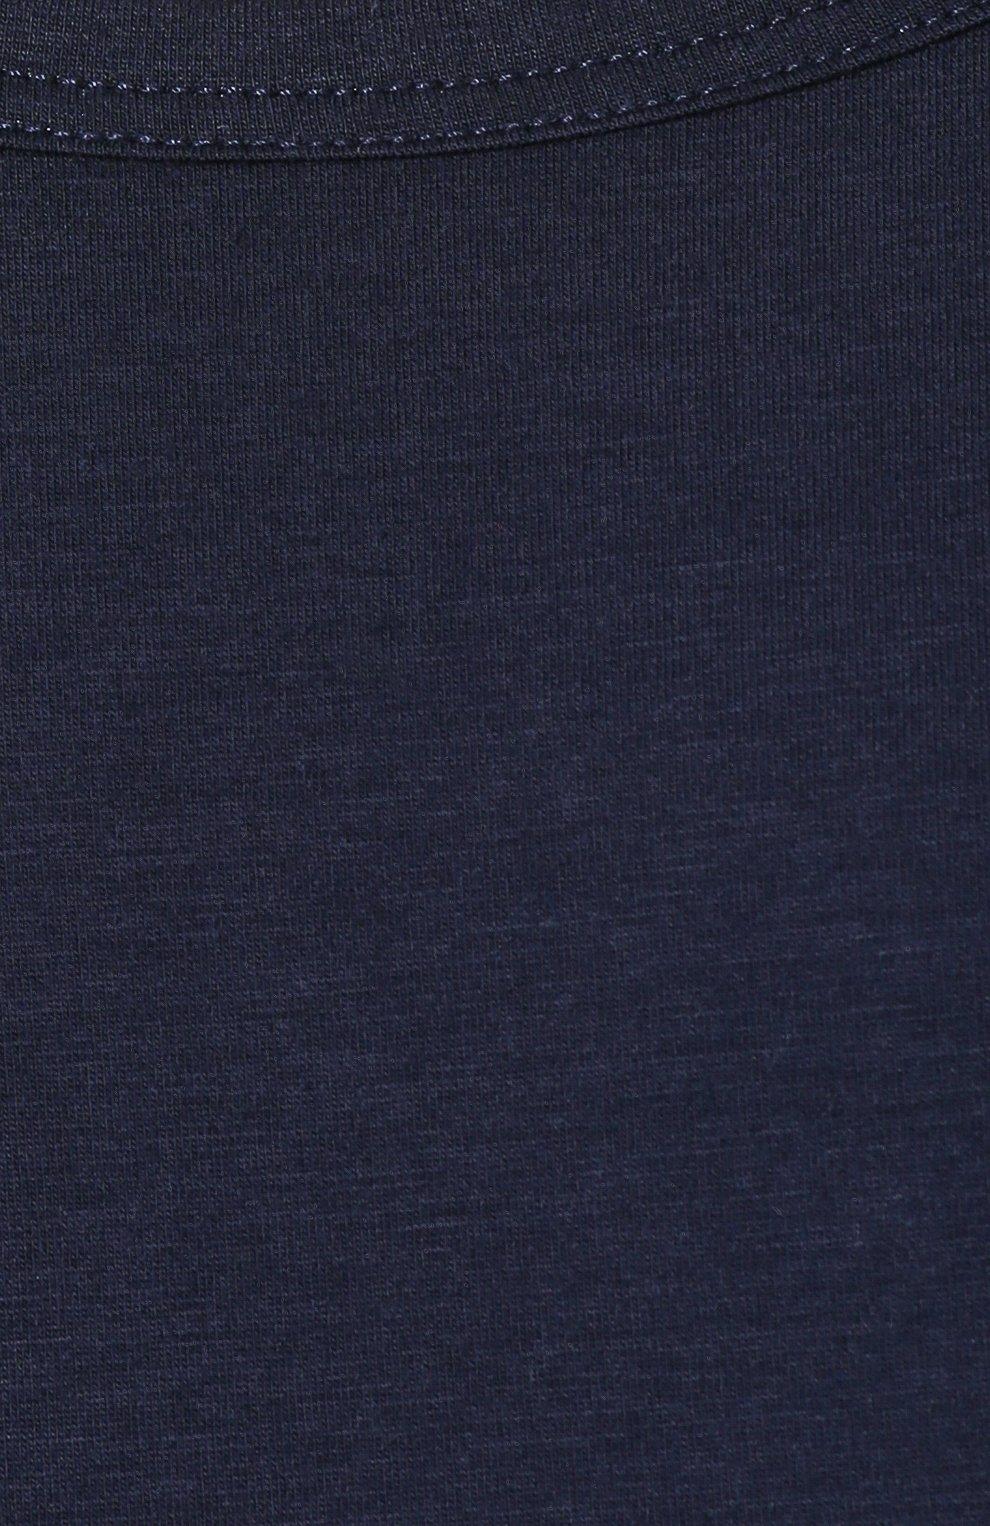 Мужская хлопковая футболка с круглым вырезом ZIMMERLI темно-синего цвета, арт. 172-1461 | Фото 5 (Кросс-КТ: домашняя одежда; Рукава: Короткие; Длина (для топов): Стандартные; Материал внешний: Хлопок; Мужское Кросс-КТ: Футболка-белье; Статус проверки: Проверена категория)